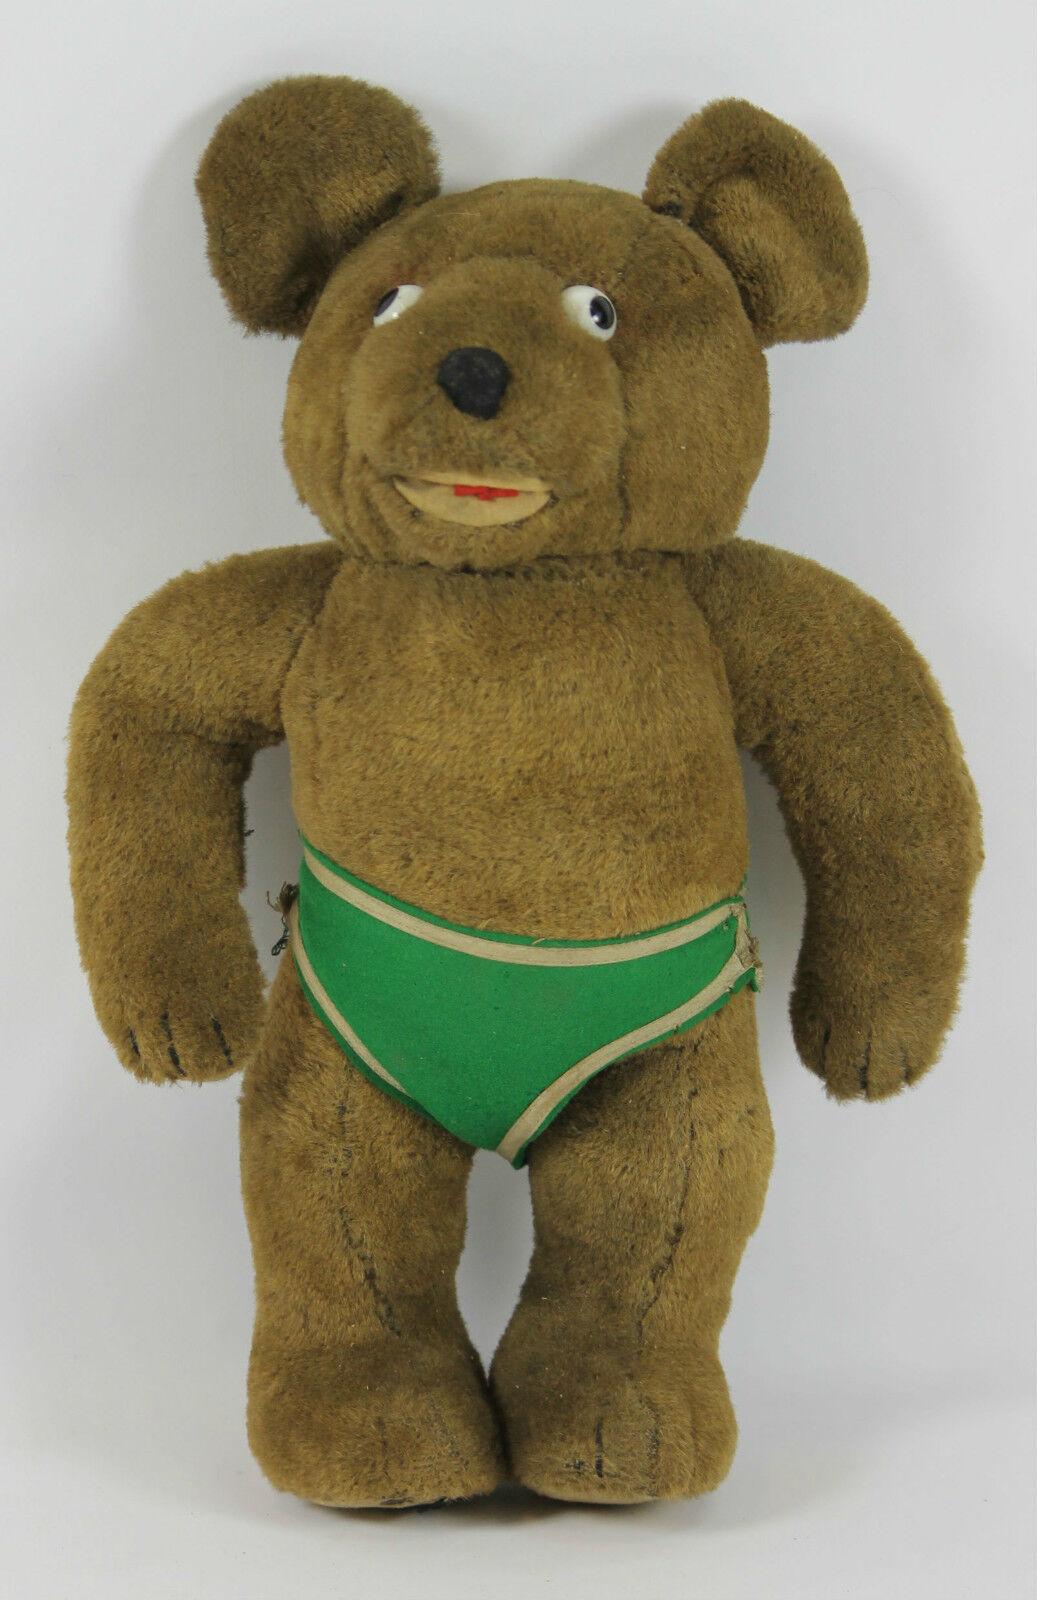 TEDDY orso. PELUCHE. PELUCHE. PELUCHE. BOURRÉ DE PAILLE. COUSU À LA MAIN. YEUX DE BOUTON. 1920. d63d1d